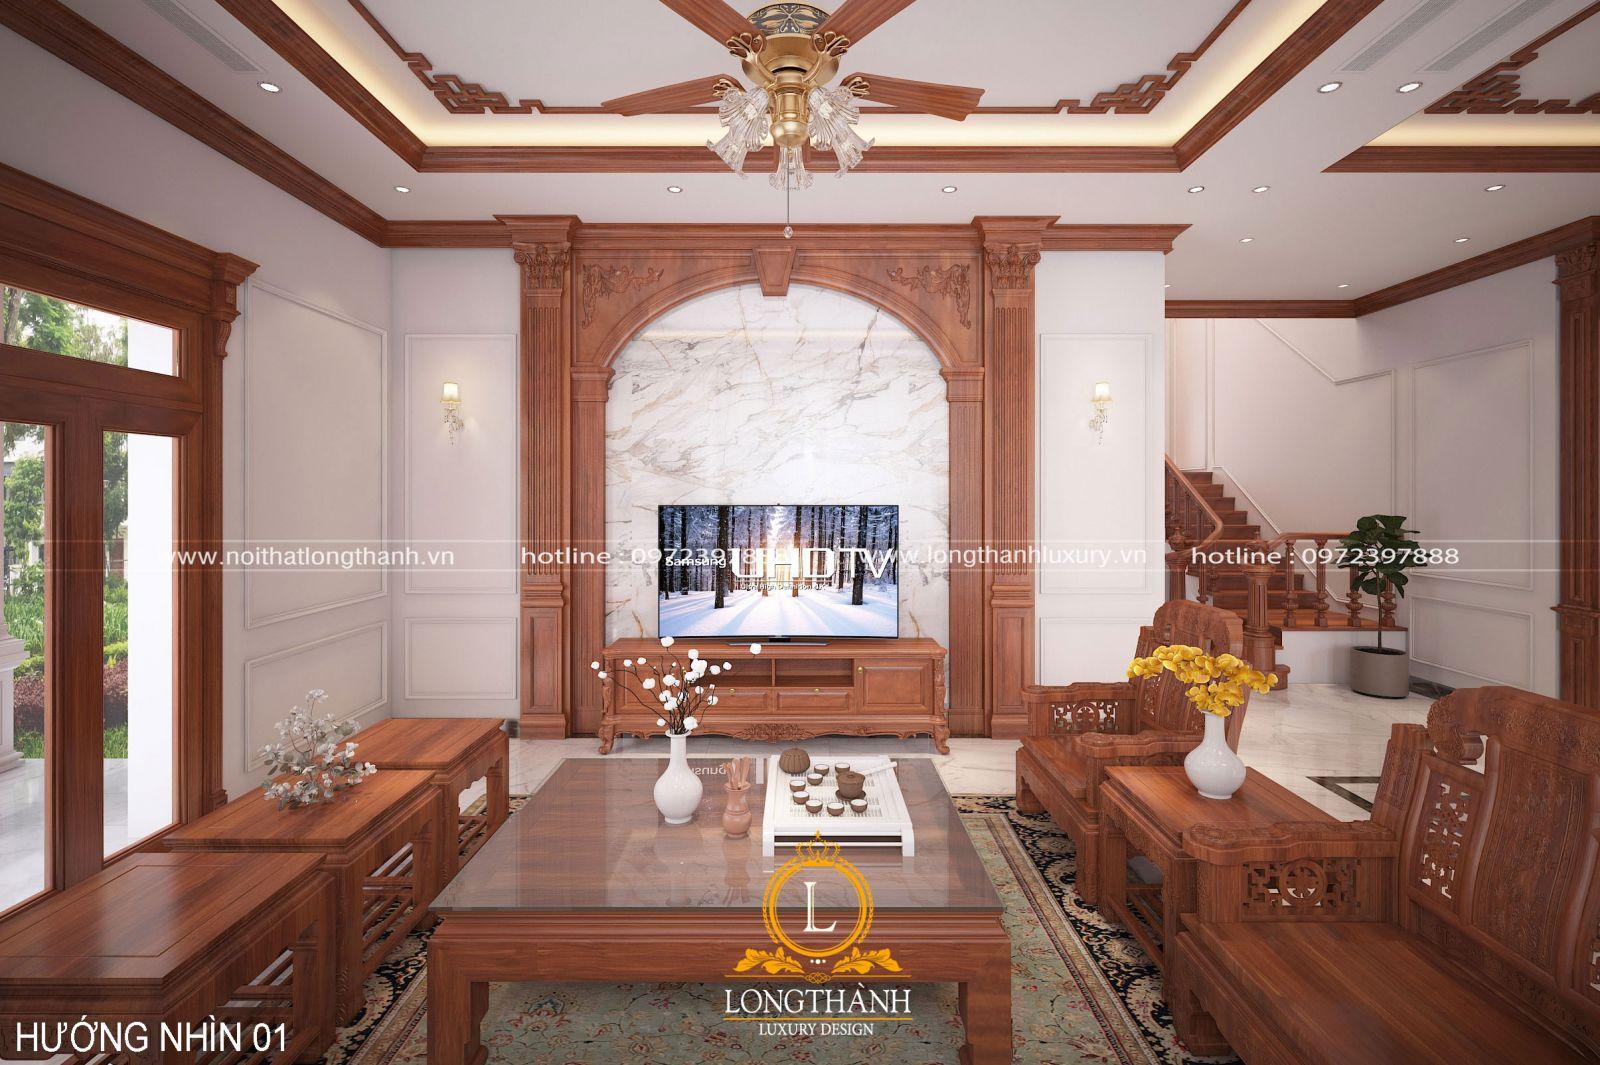 Nội thất màu gỗ tự nhiên ấn tượng và bắt mắt